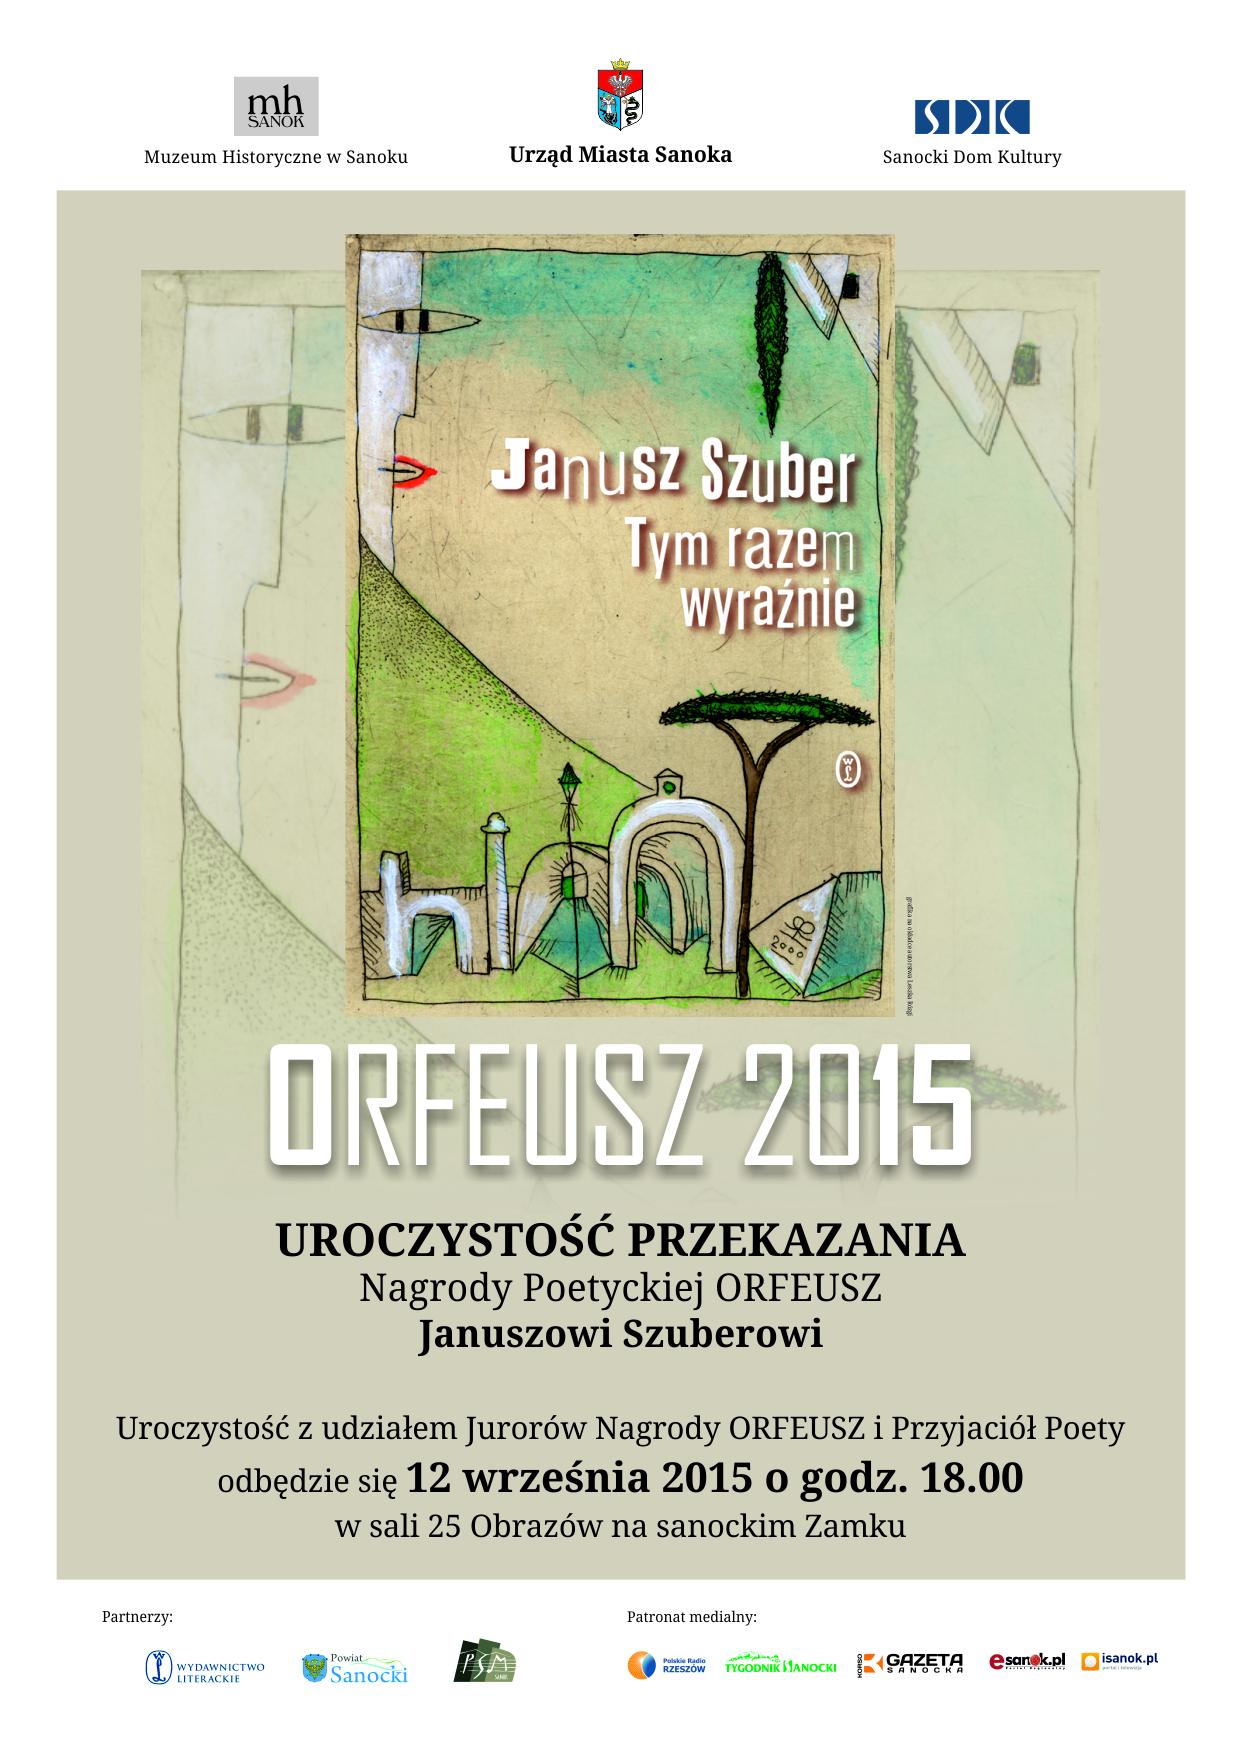 szuber_orfeusz_zaproszenie ogolne